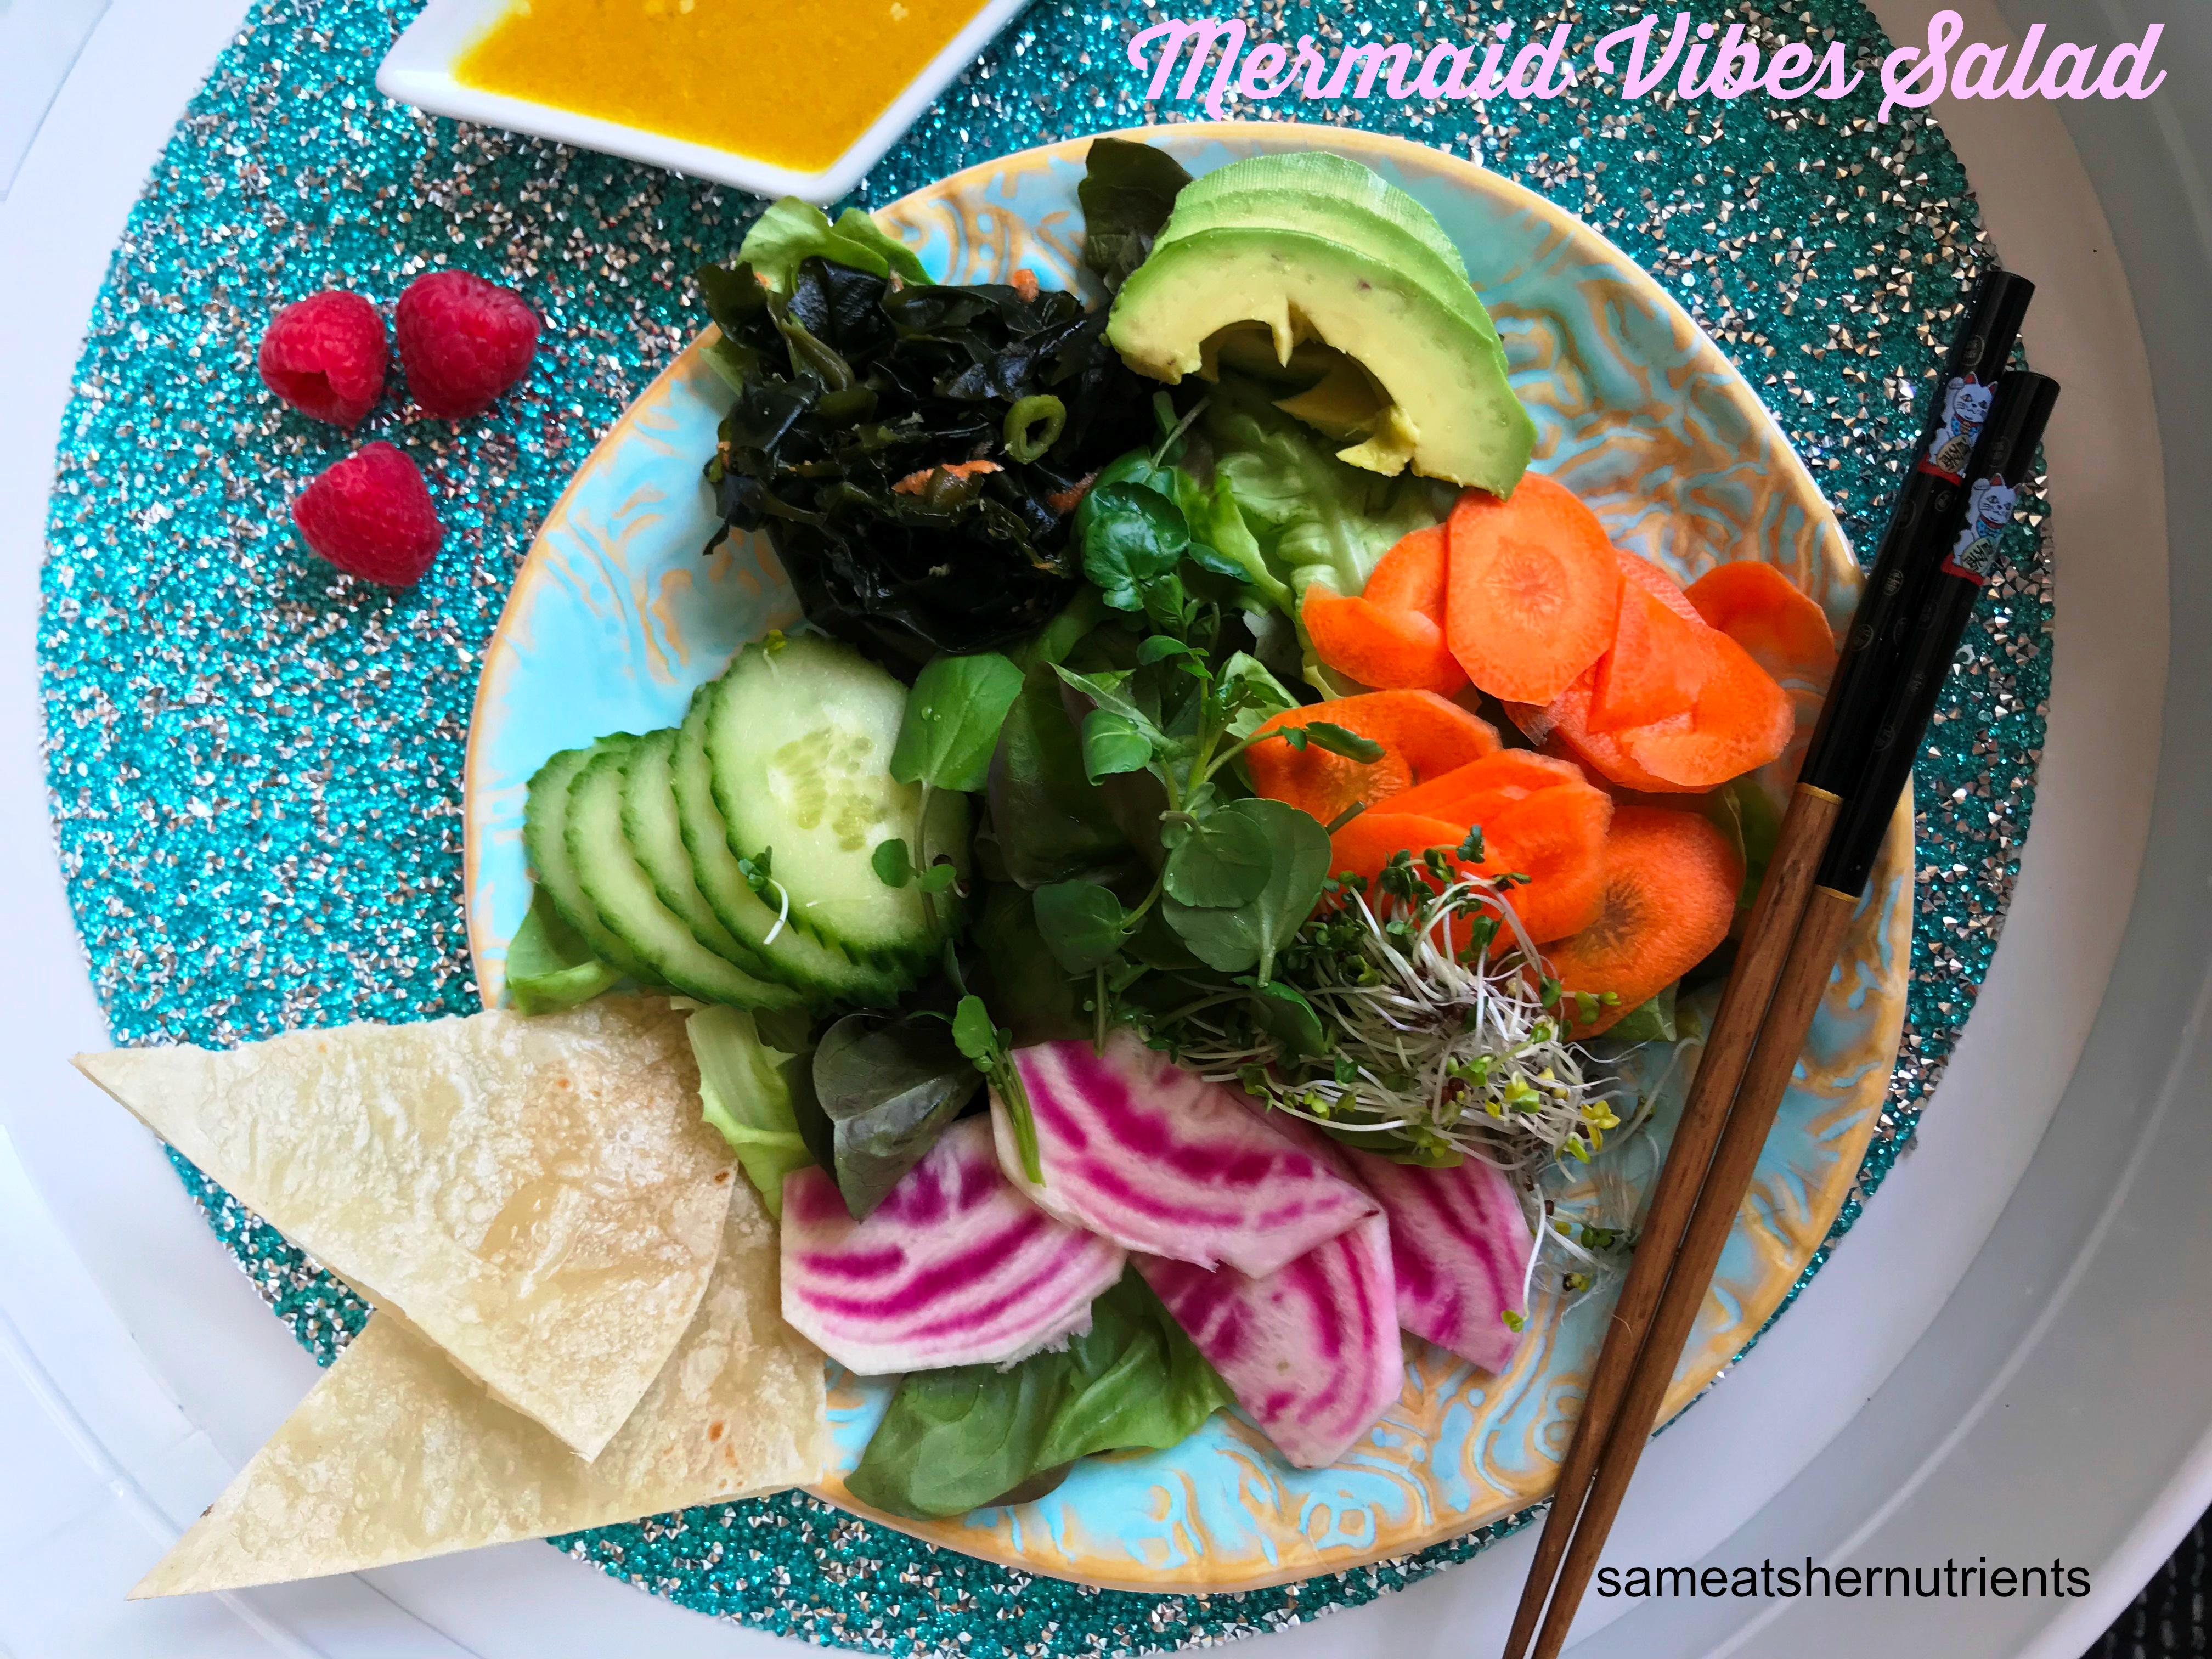 Mermaid Vibes Gluten Free Salad